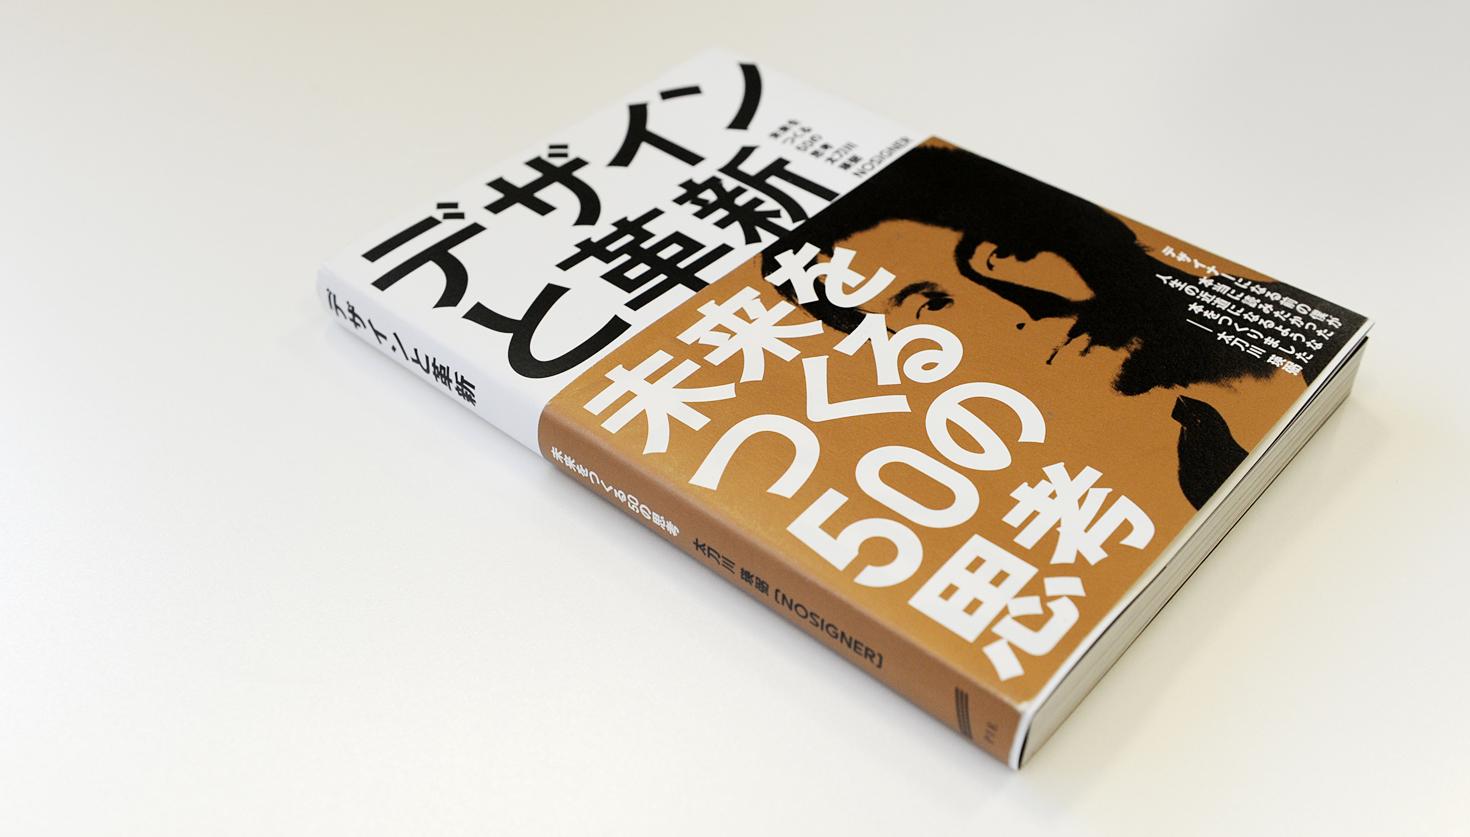 【連載】社会を変えるNOSIGNERのデザイン  vol.2 独創的なアイディアを生む思考プロセス